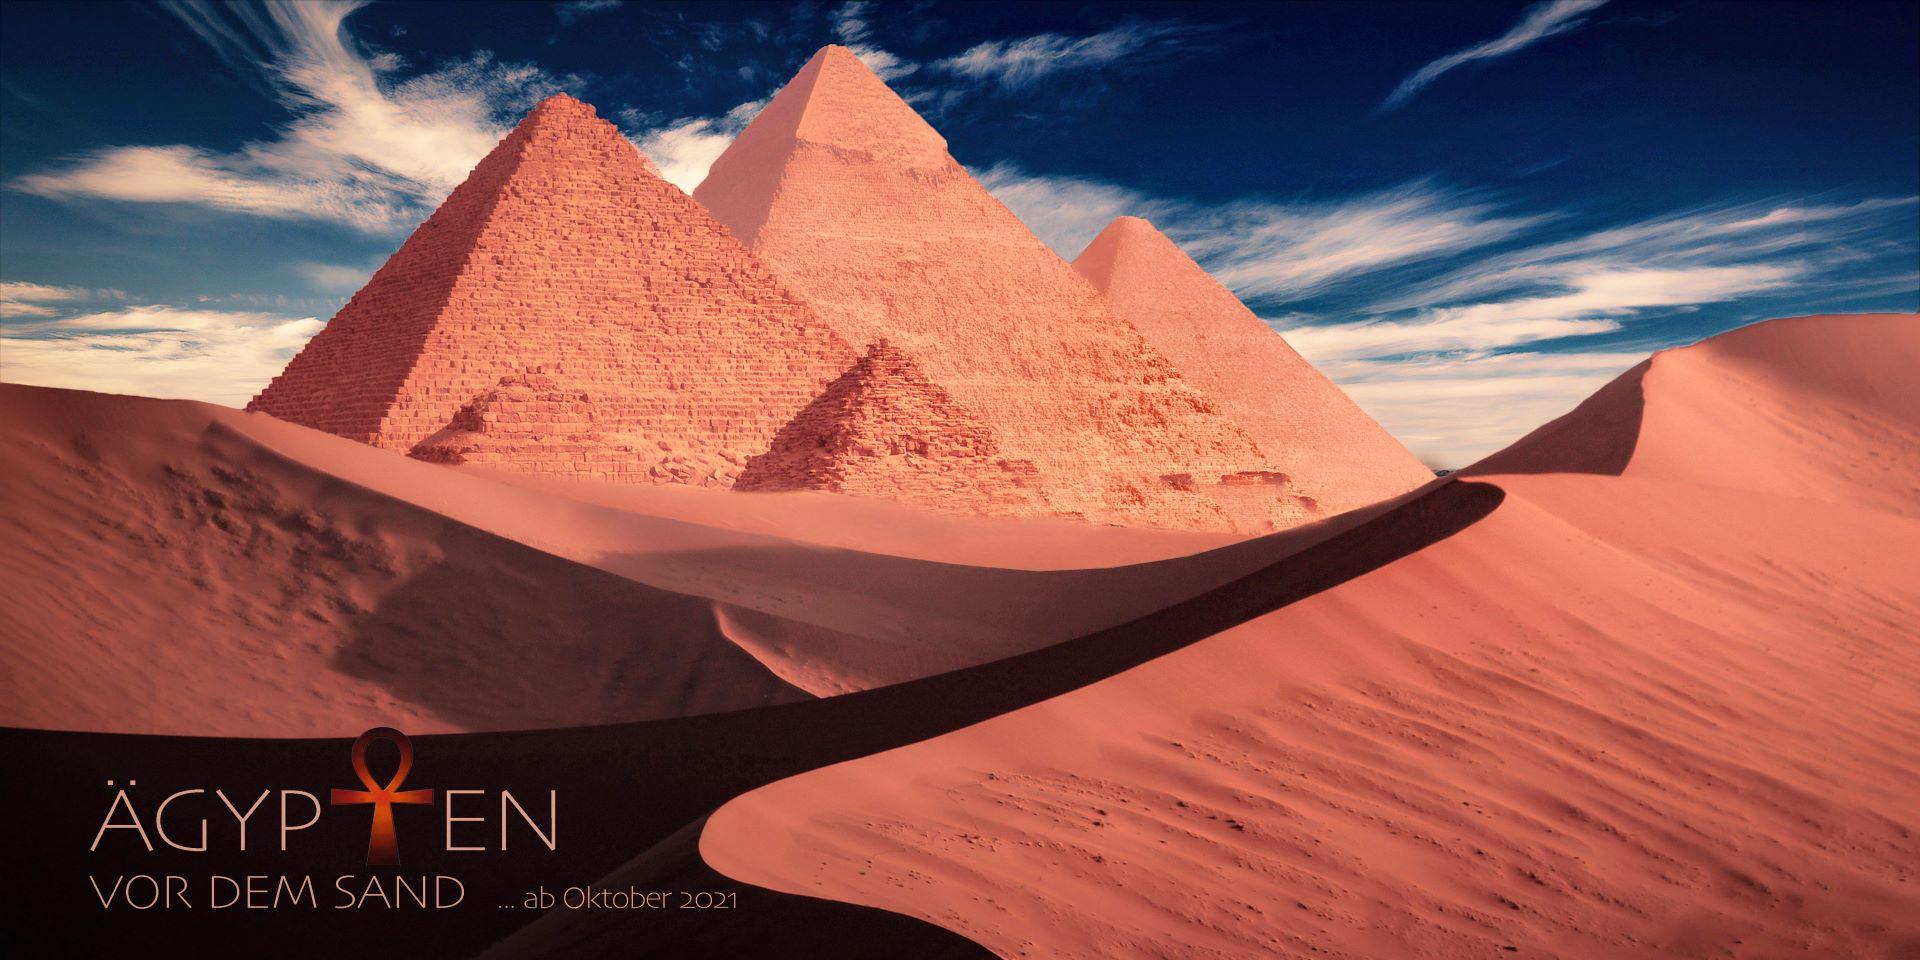 Ägypten vor dem Sand hell Klein